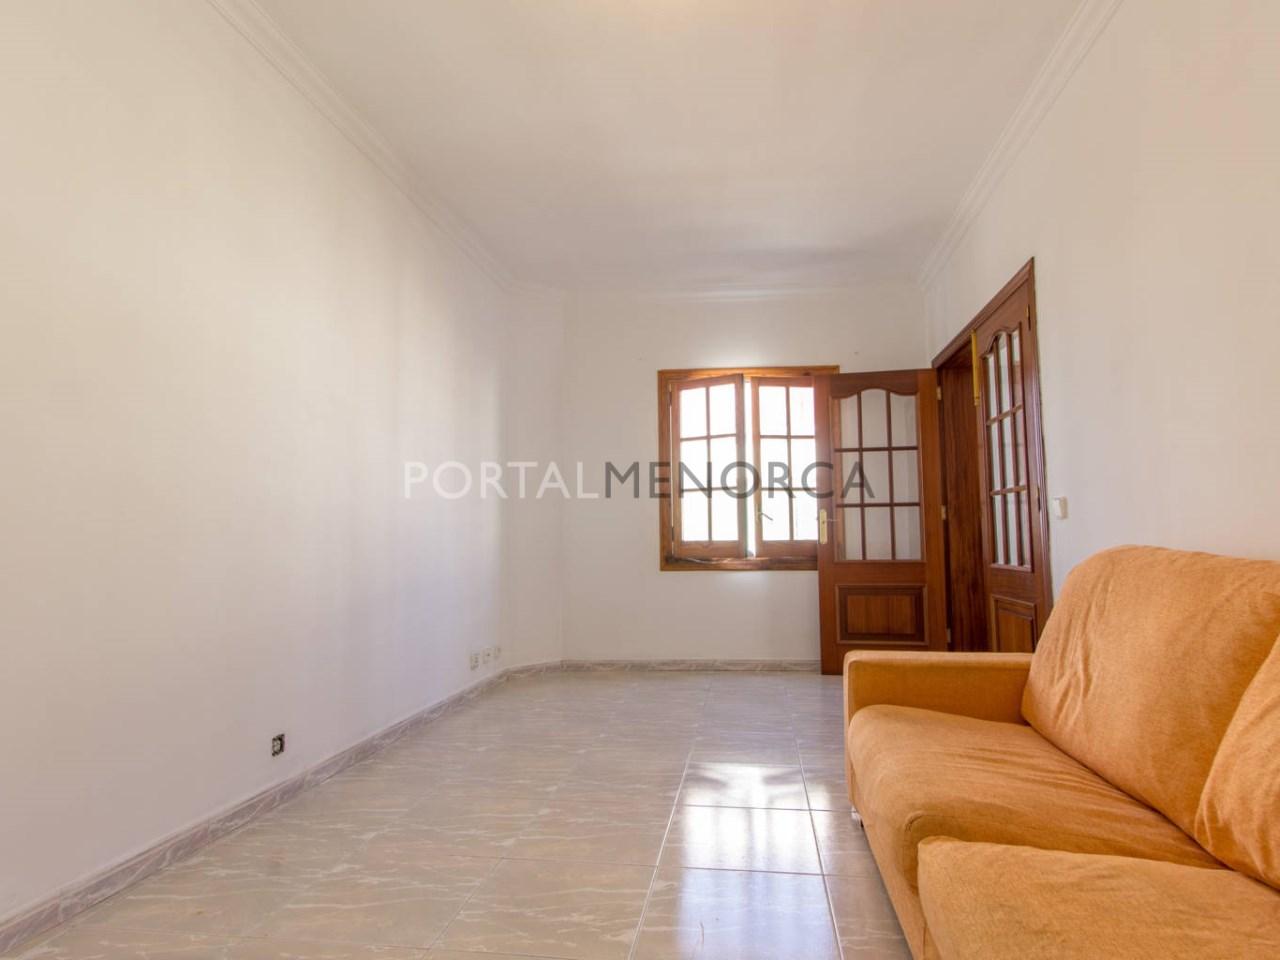 Casa con terraza en venta en Menorca